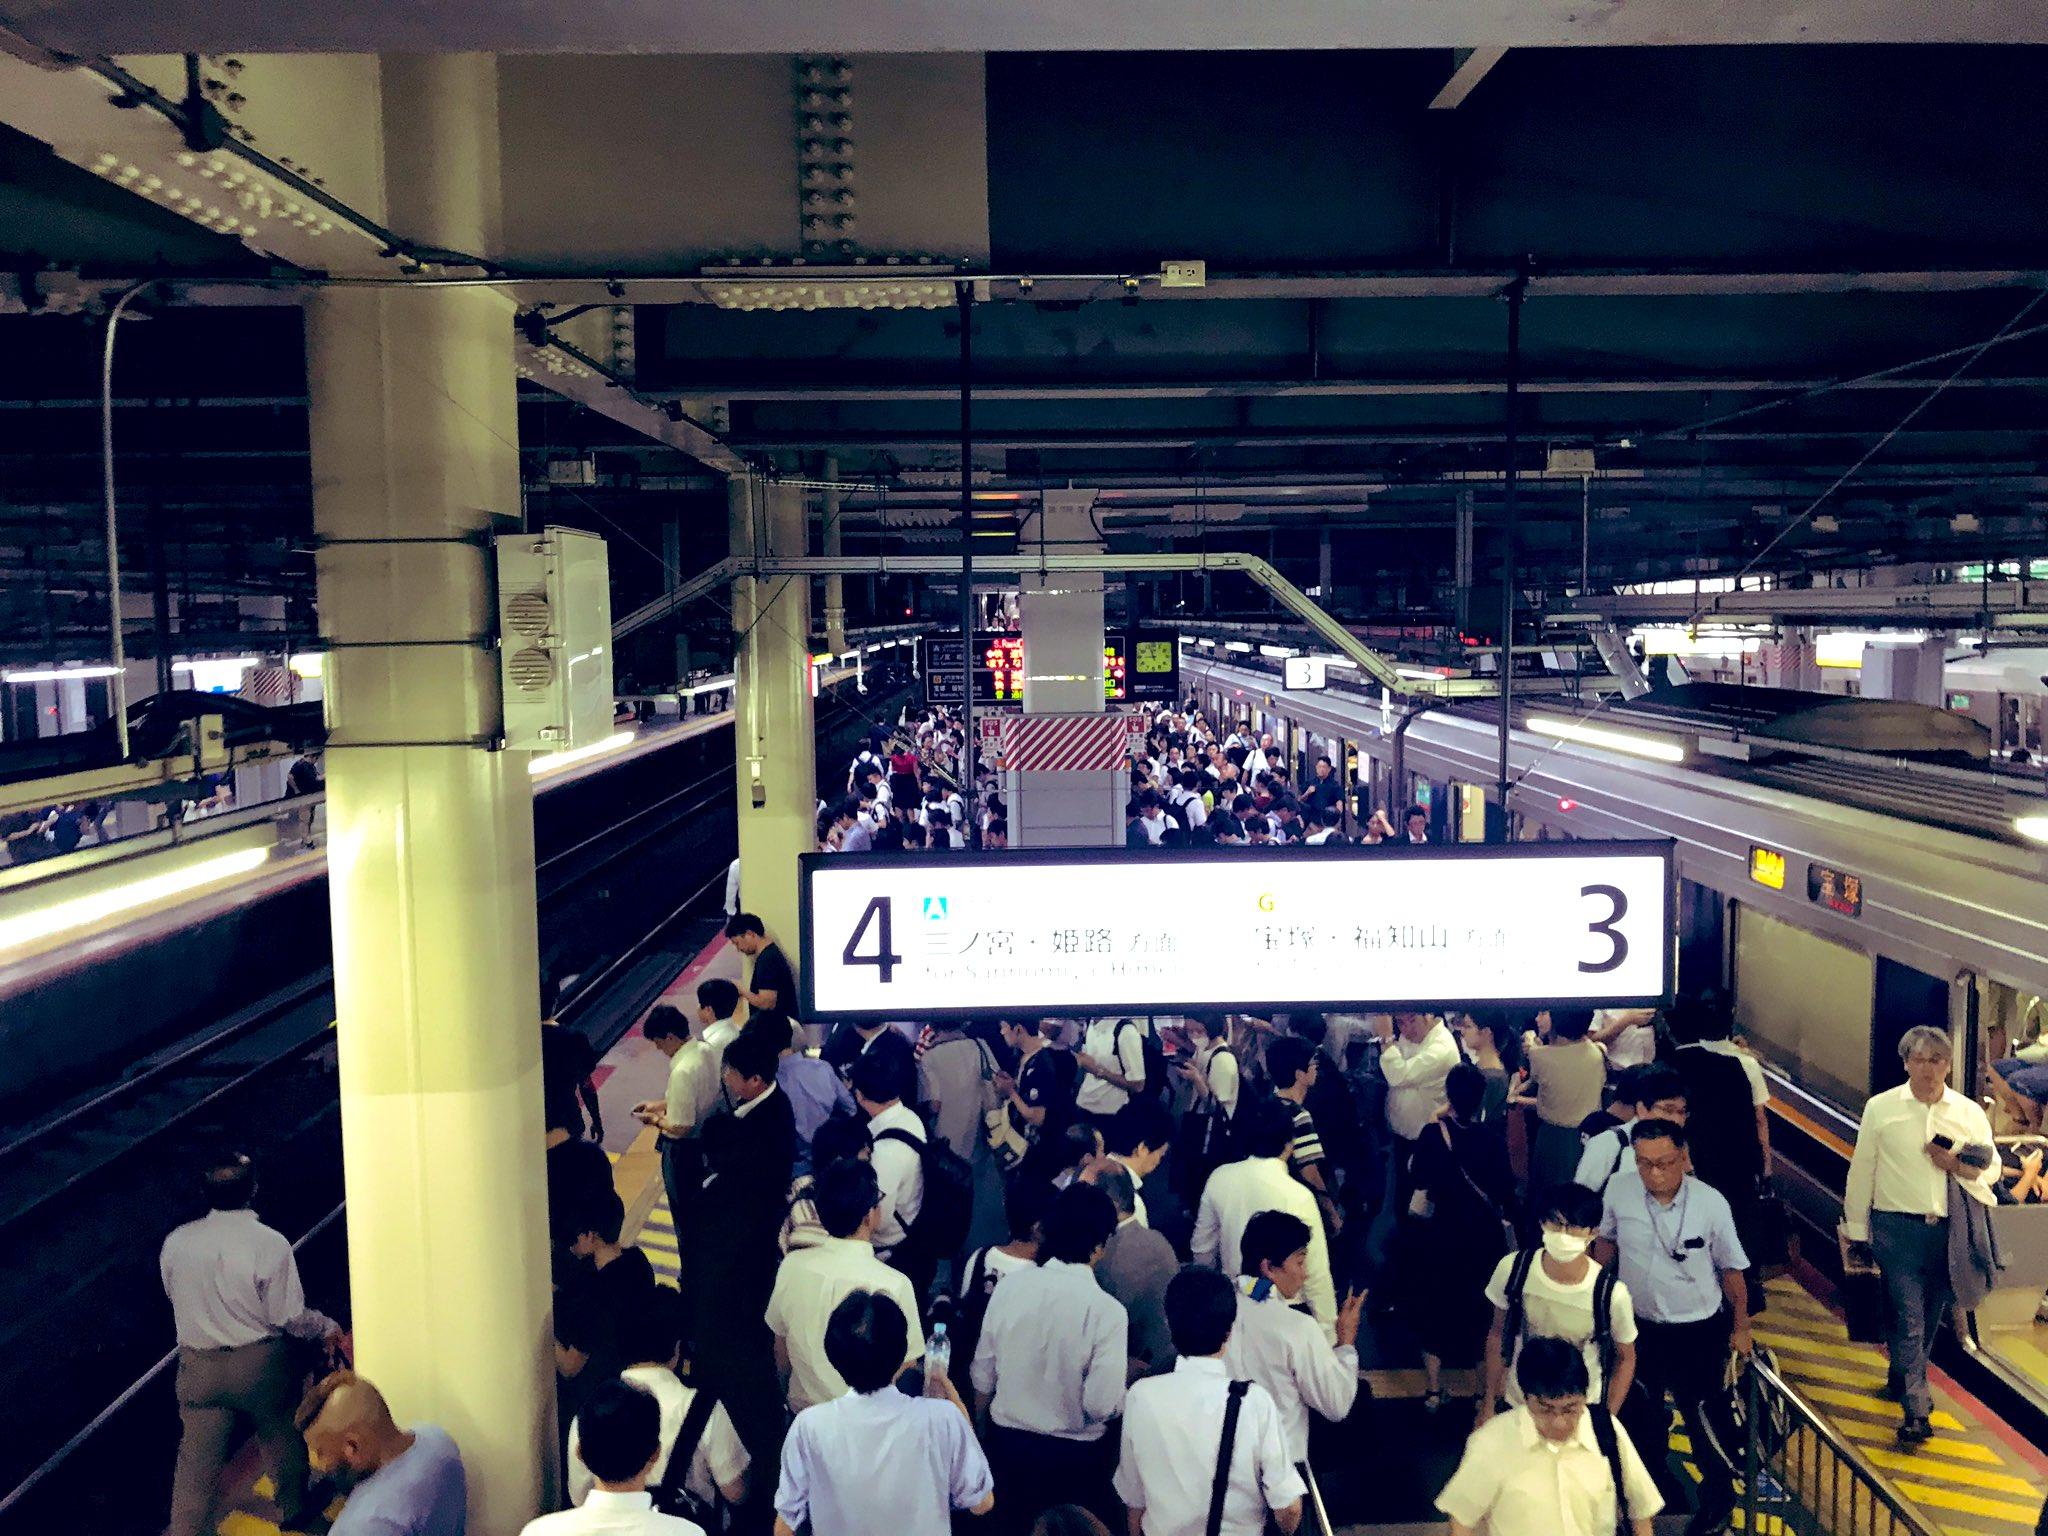 画像,神戸線人身事故で新快速が尼崎で抑止😭😭今日中に帰れない…。 https://t.co/gPuMWjCEu7。